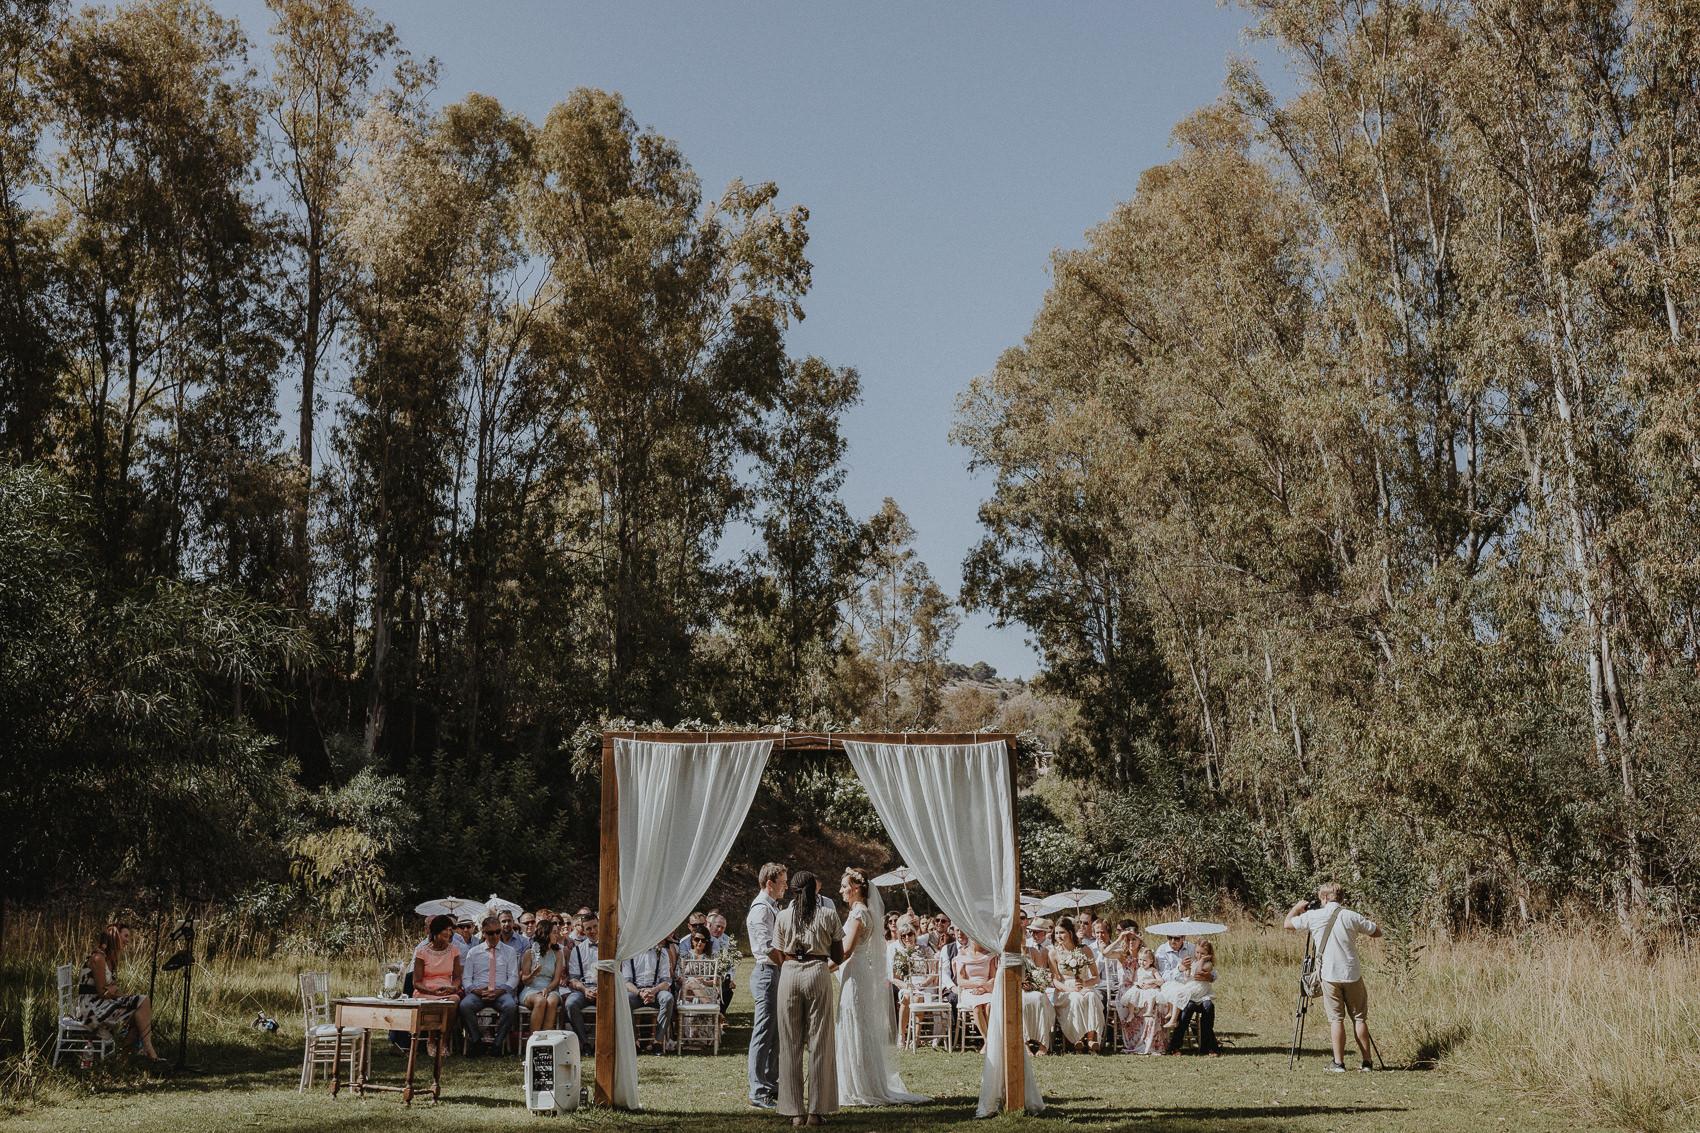 Sarah & Bill | Summer wedding at Cortijo Rosa Blanca | Marbella - Spain 72